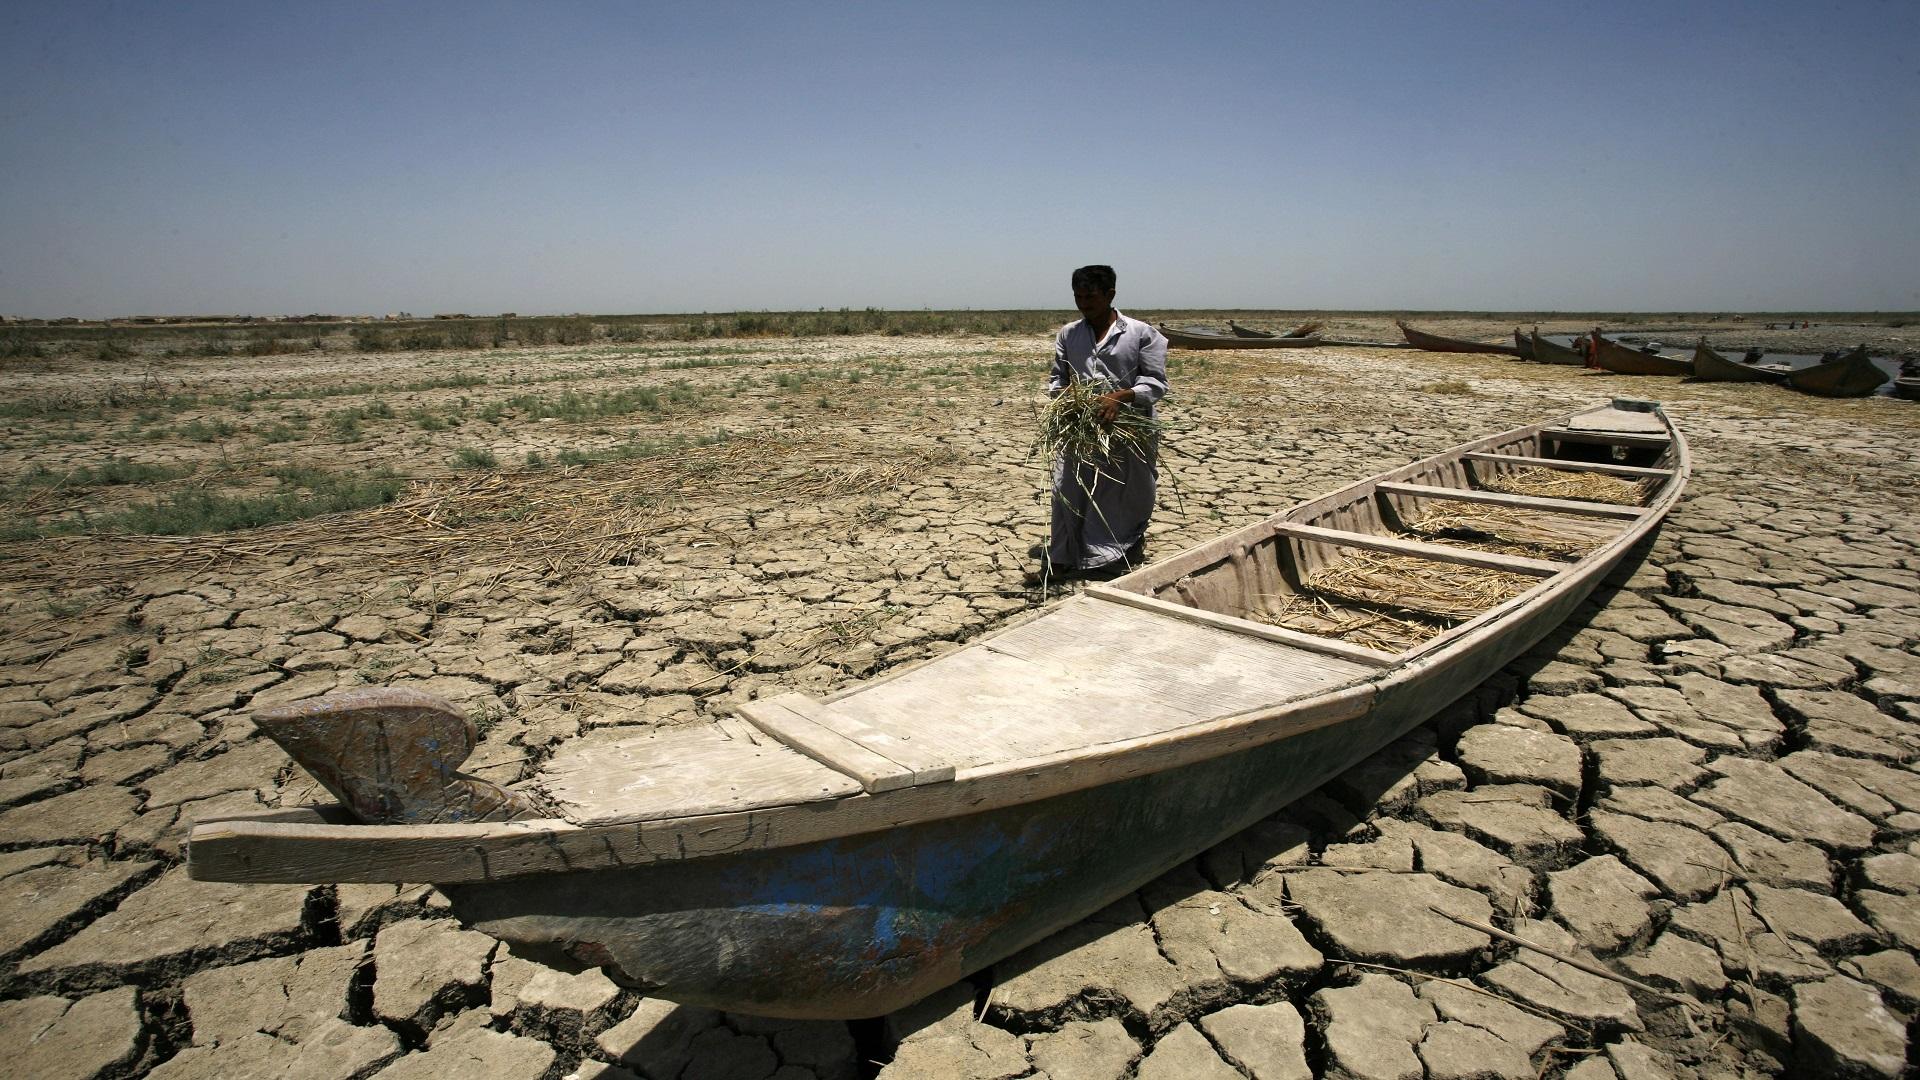 العراق يأمل بحل مشكلة الحصة المائية مع إيران او رفع دعوى في المحكمة الدولية في لاهاي